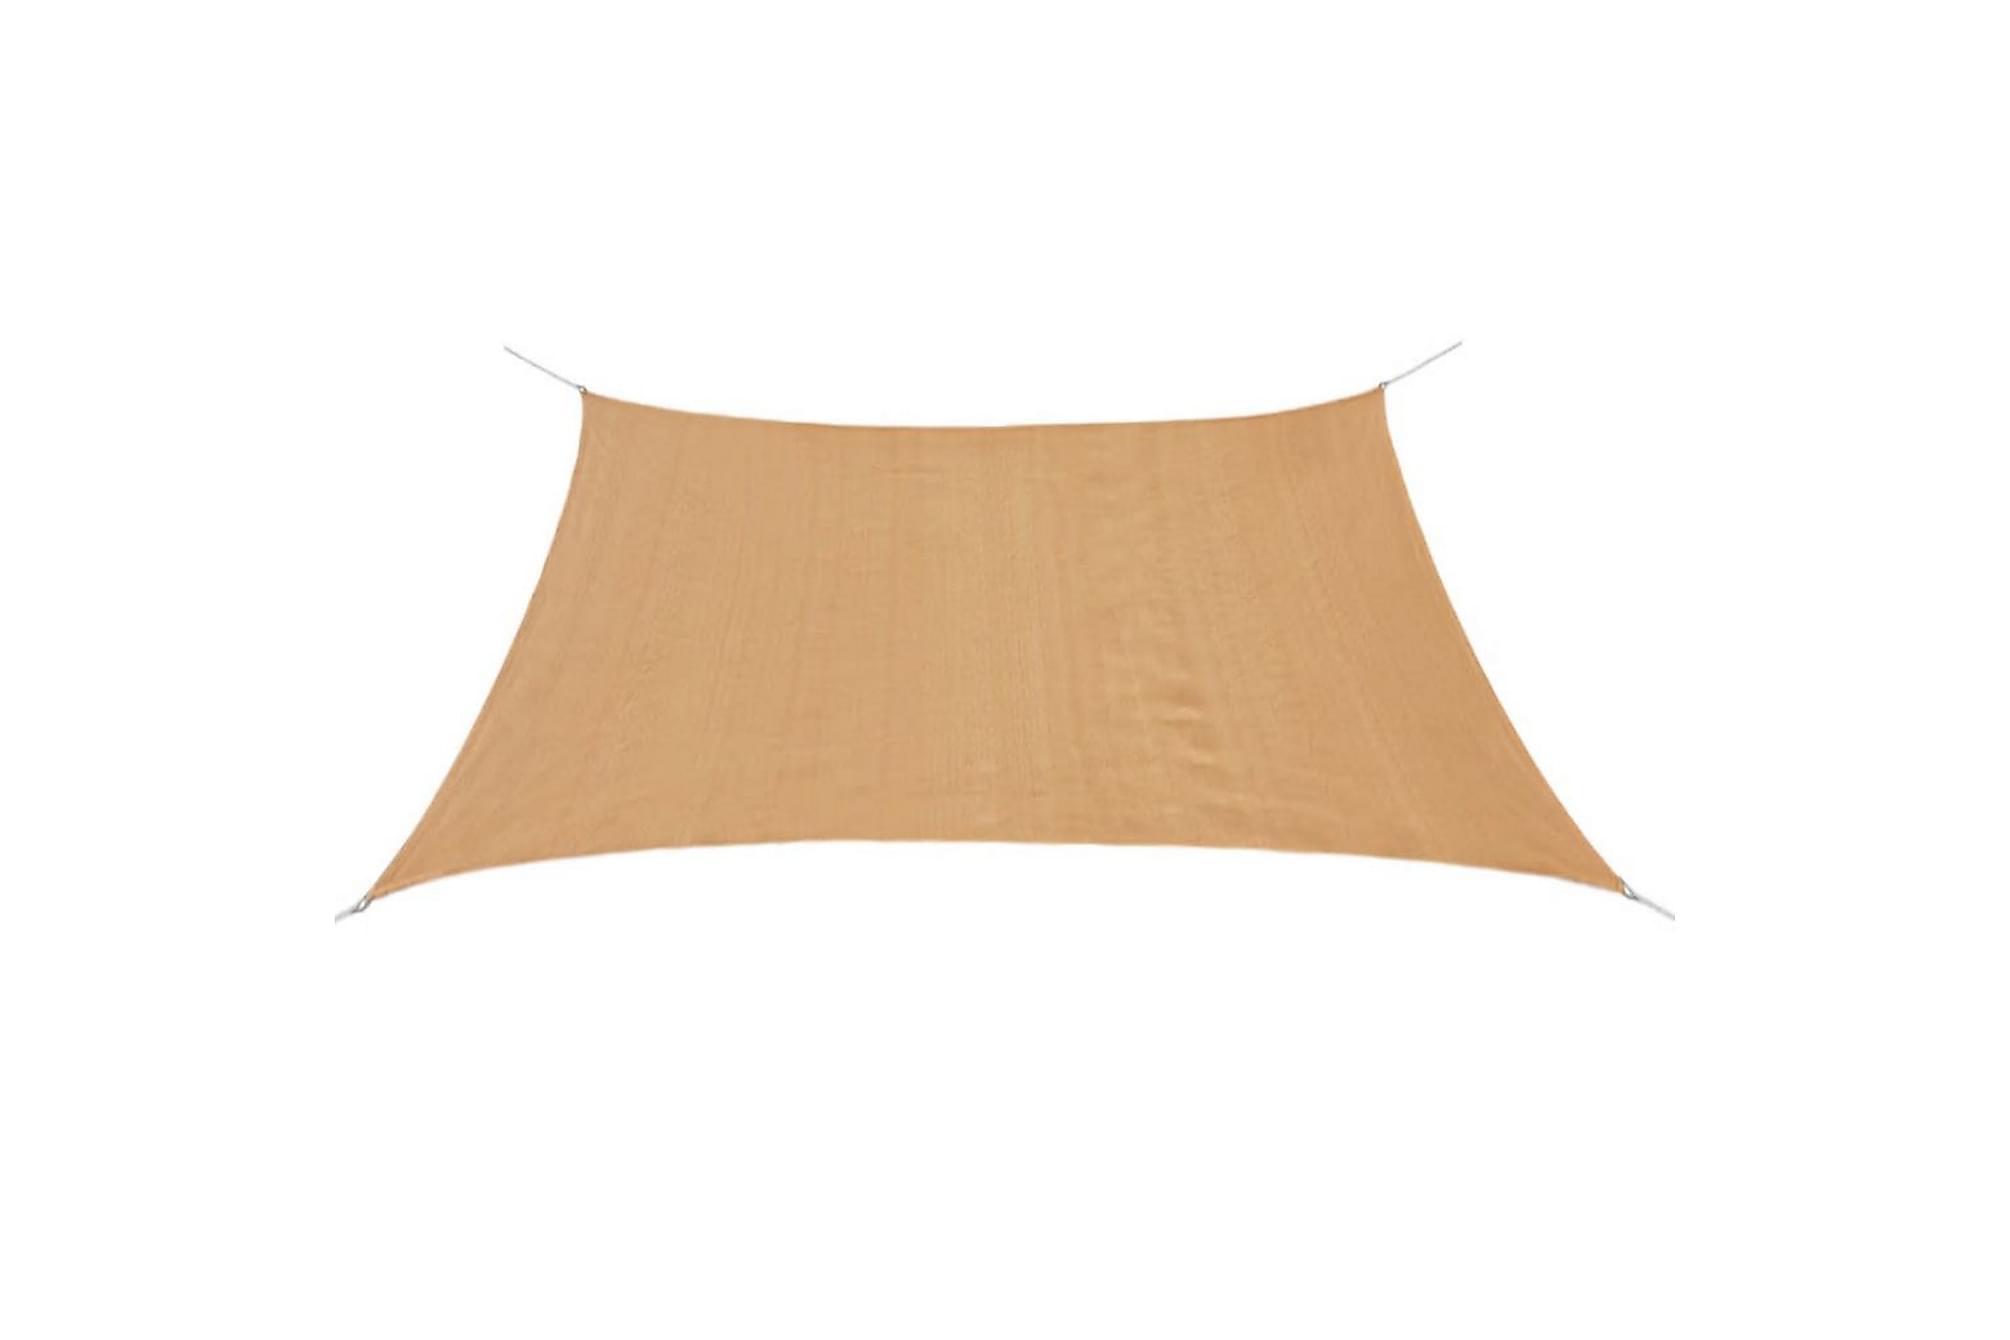 Solsegel HDPE fyrkantigt 2x2 m beige